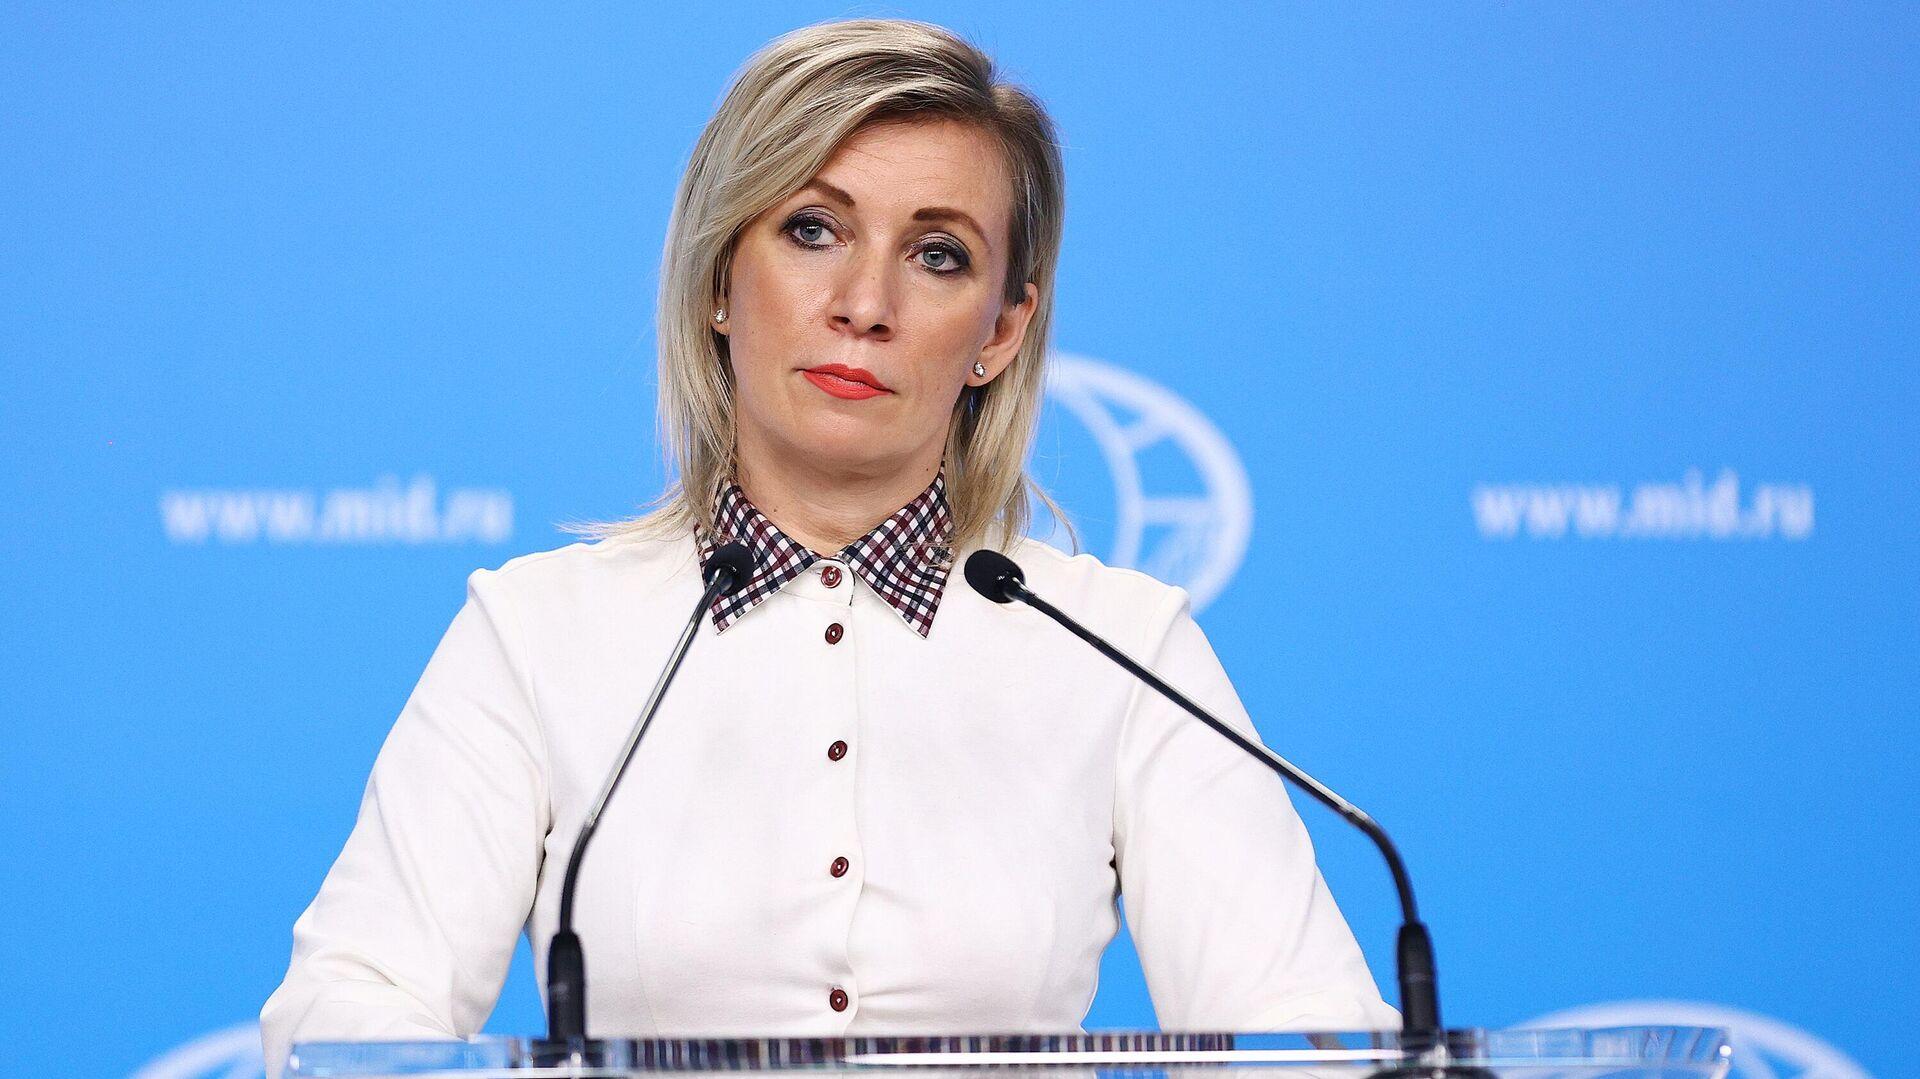 María Zajárova, portavoz del Ministerio de Asuntos Exteriores de Rusia - Sputnik Mundo, 1920, 10.10.2021